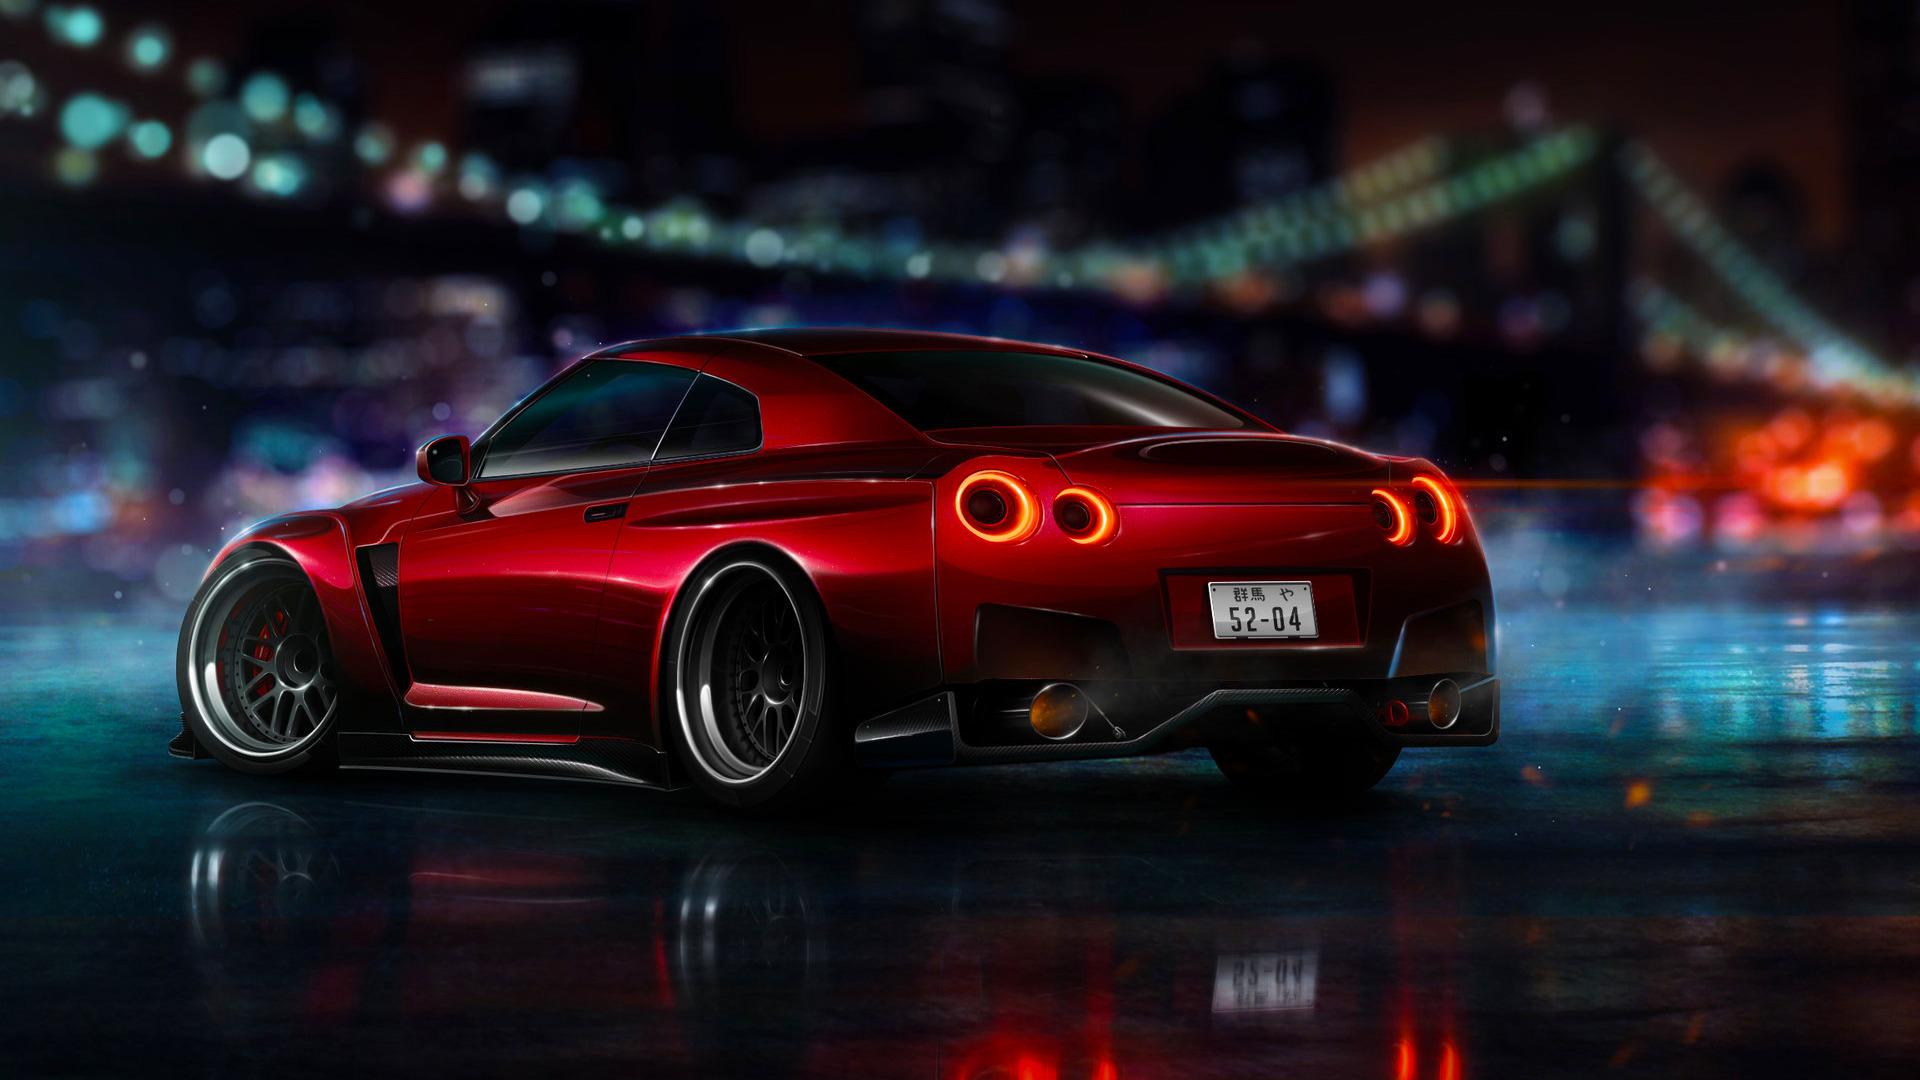 оранжевые спортивный автомобиль Nissan Skyline GTR R35  № 613332 бесплатно